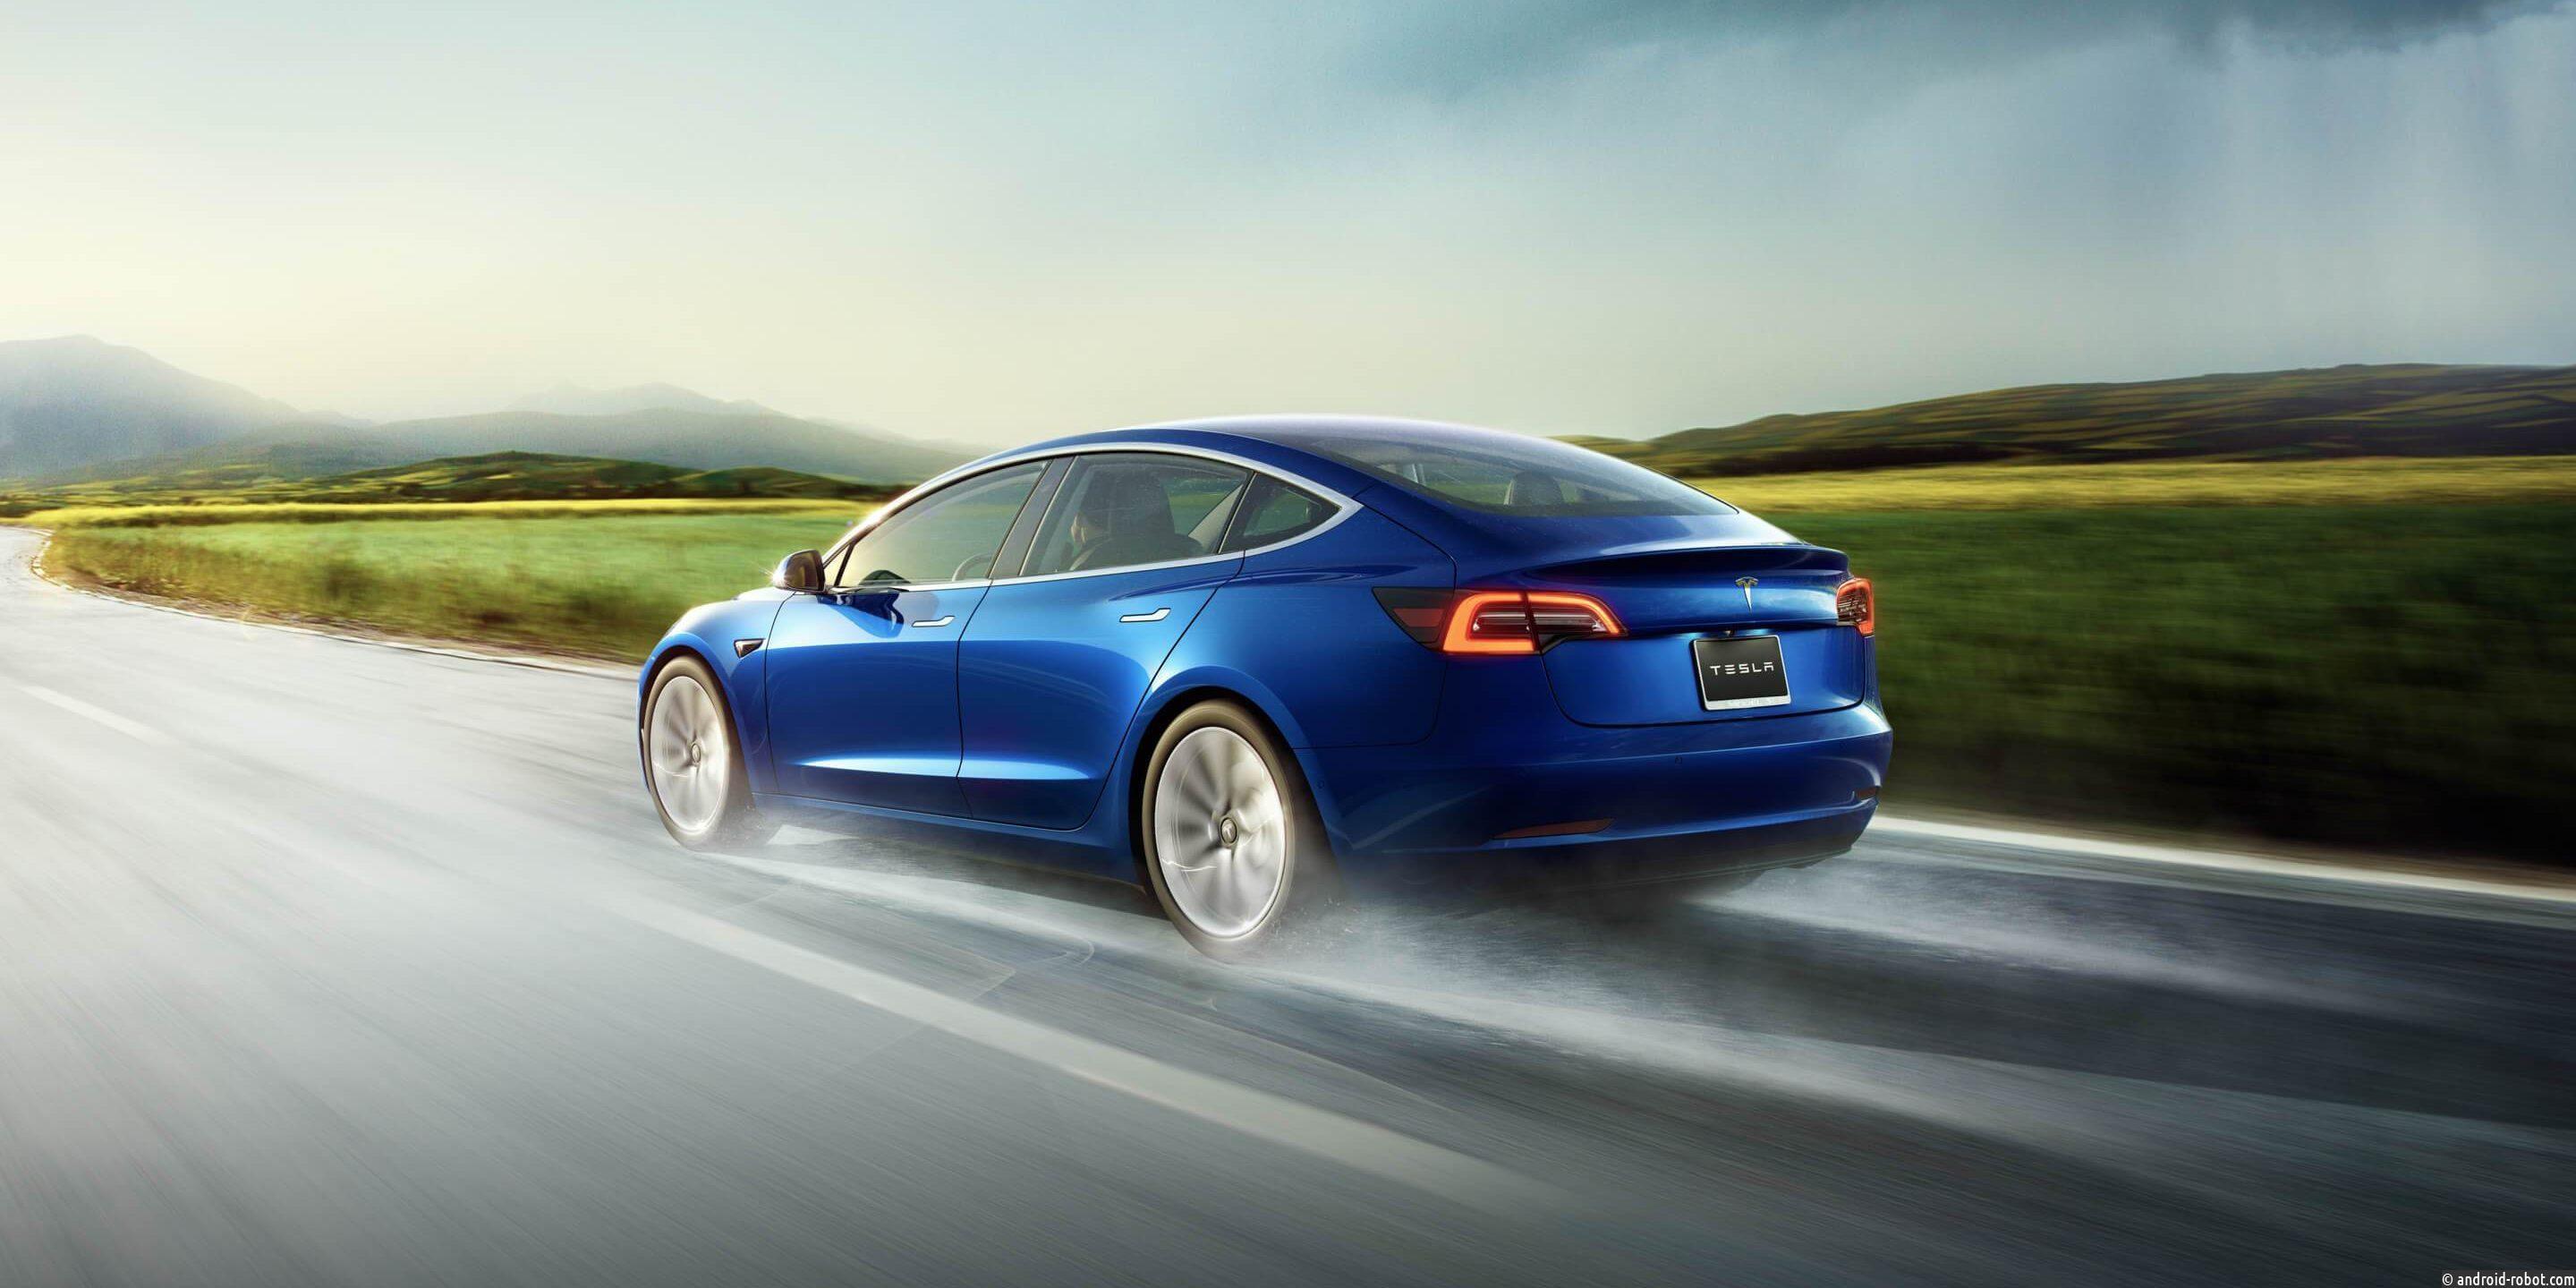 Тесла снижает цену на электромобиль Tesla Model 3